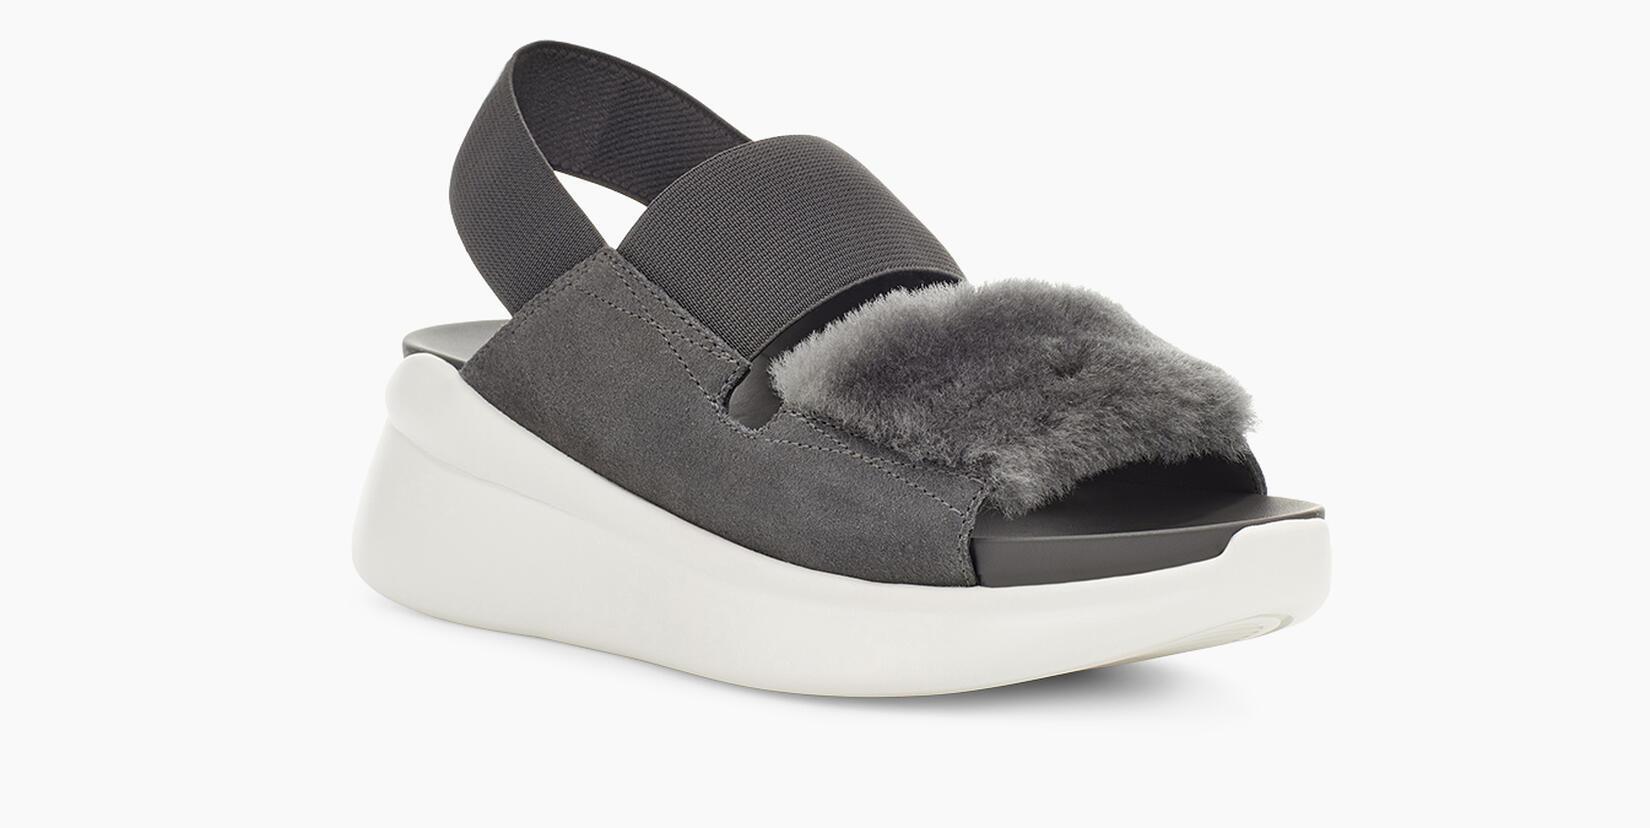 Silverlake Sandal